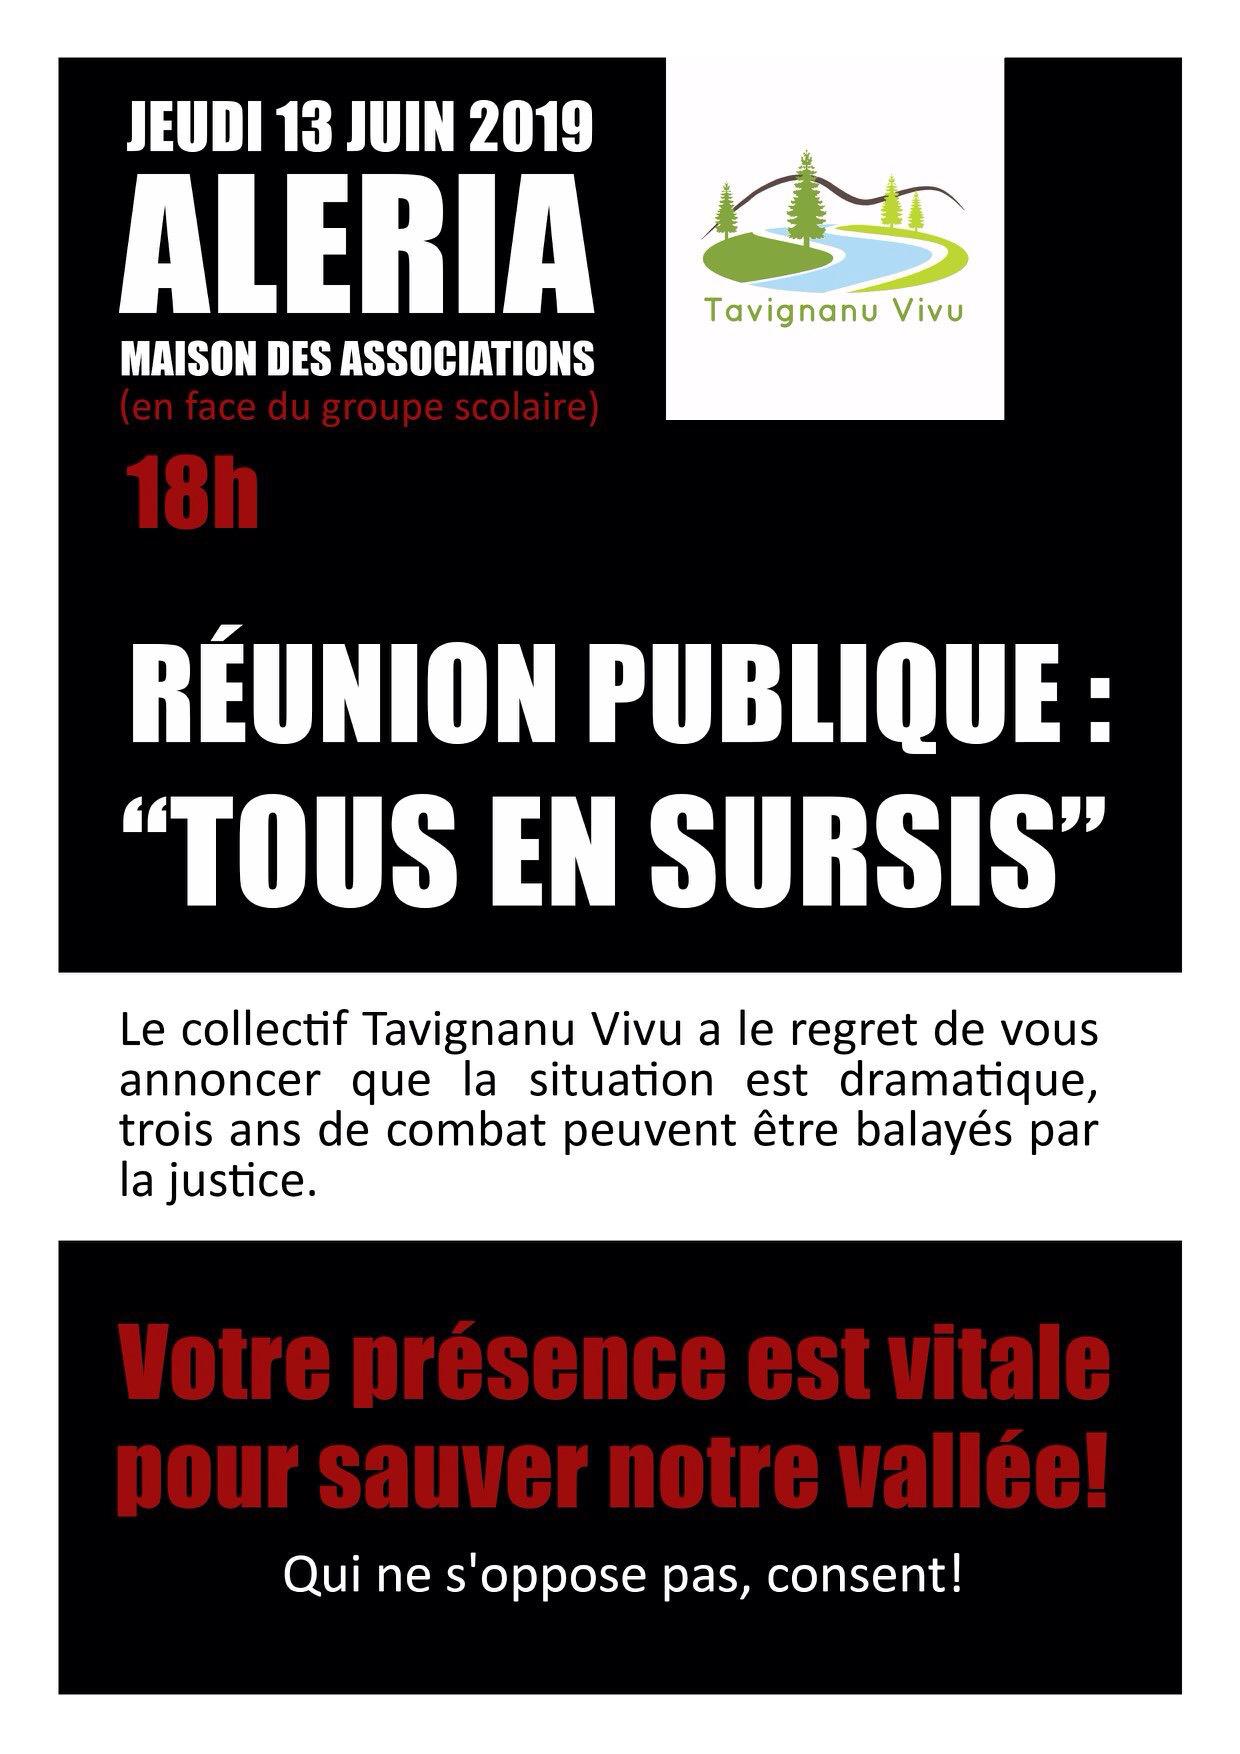 Projet d'un centre d'enfouissement à Giuncaggiu : L'inquiétude grandissante du collectif Tavignanu Vivu